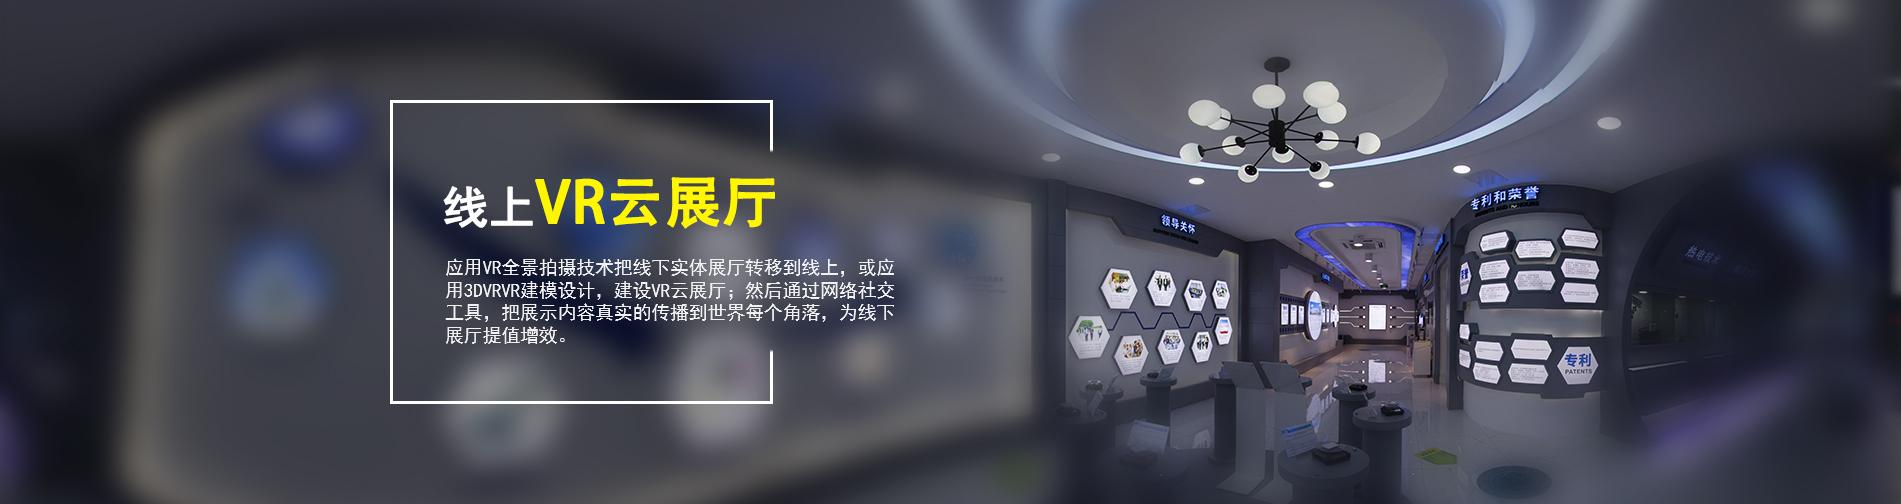 VR云展厅